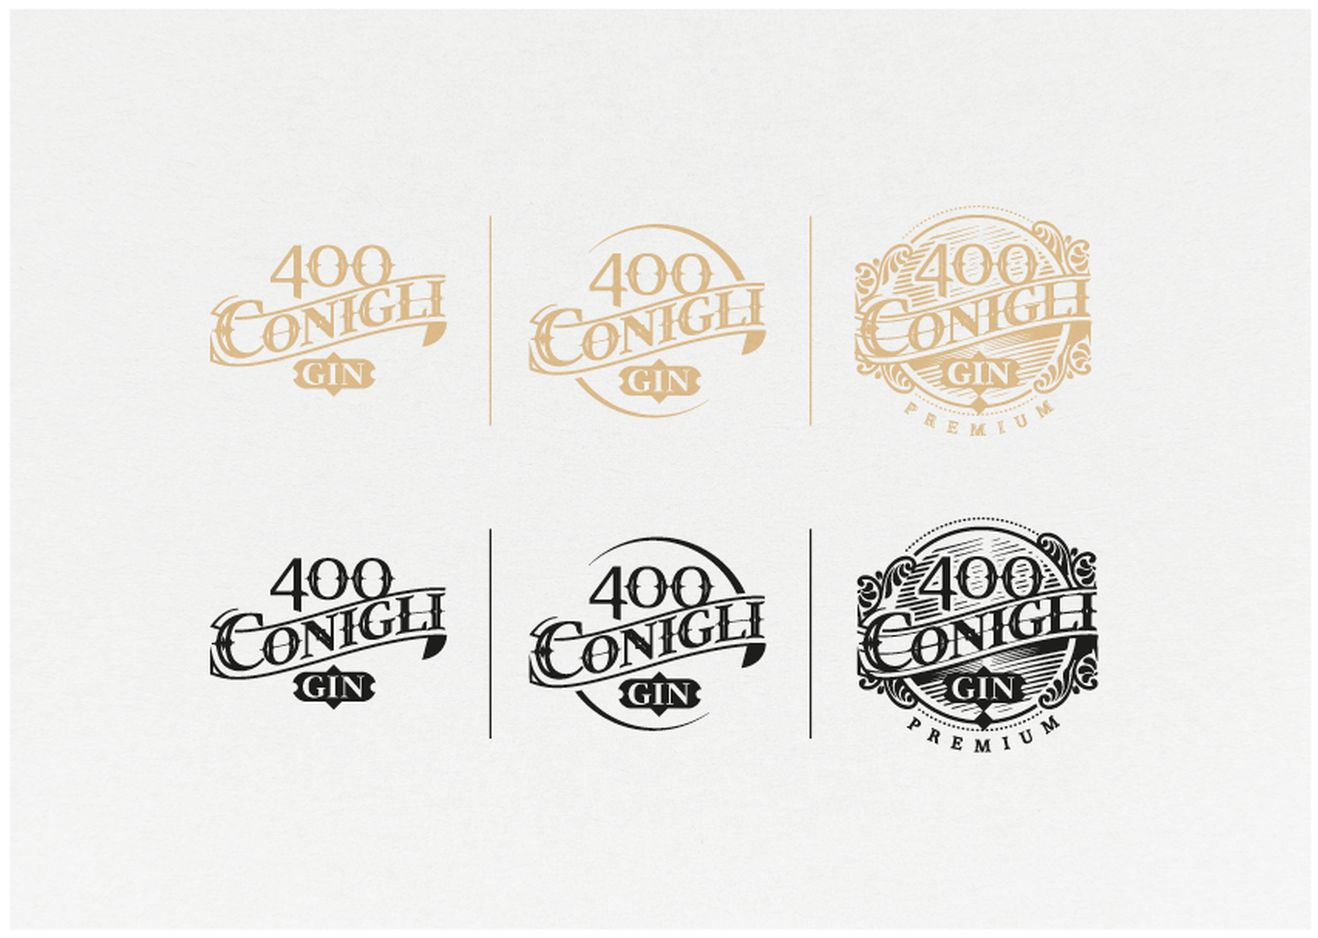 400_CONIGLI_6